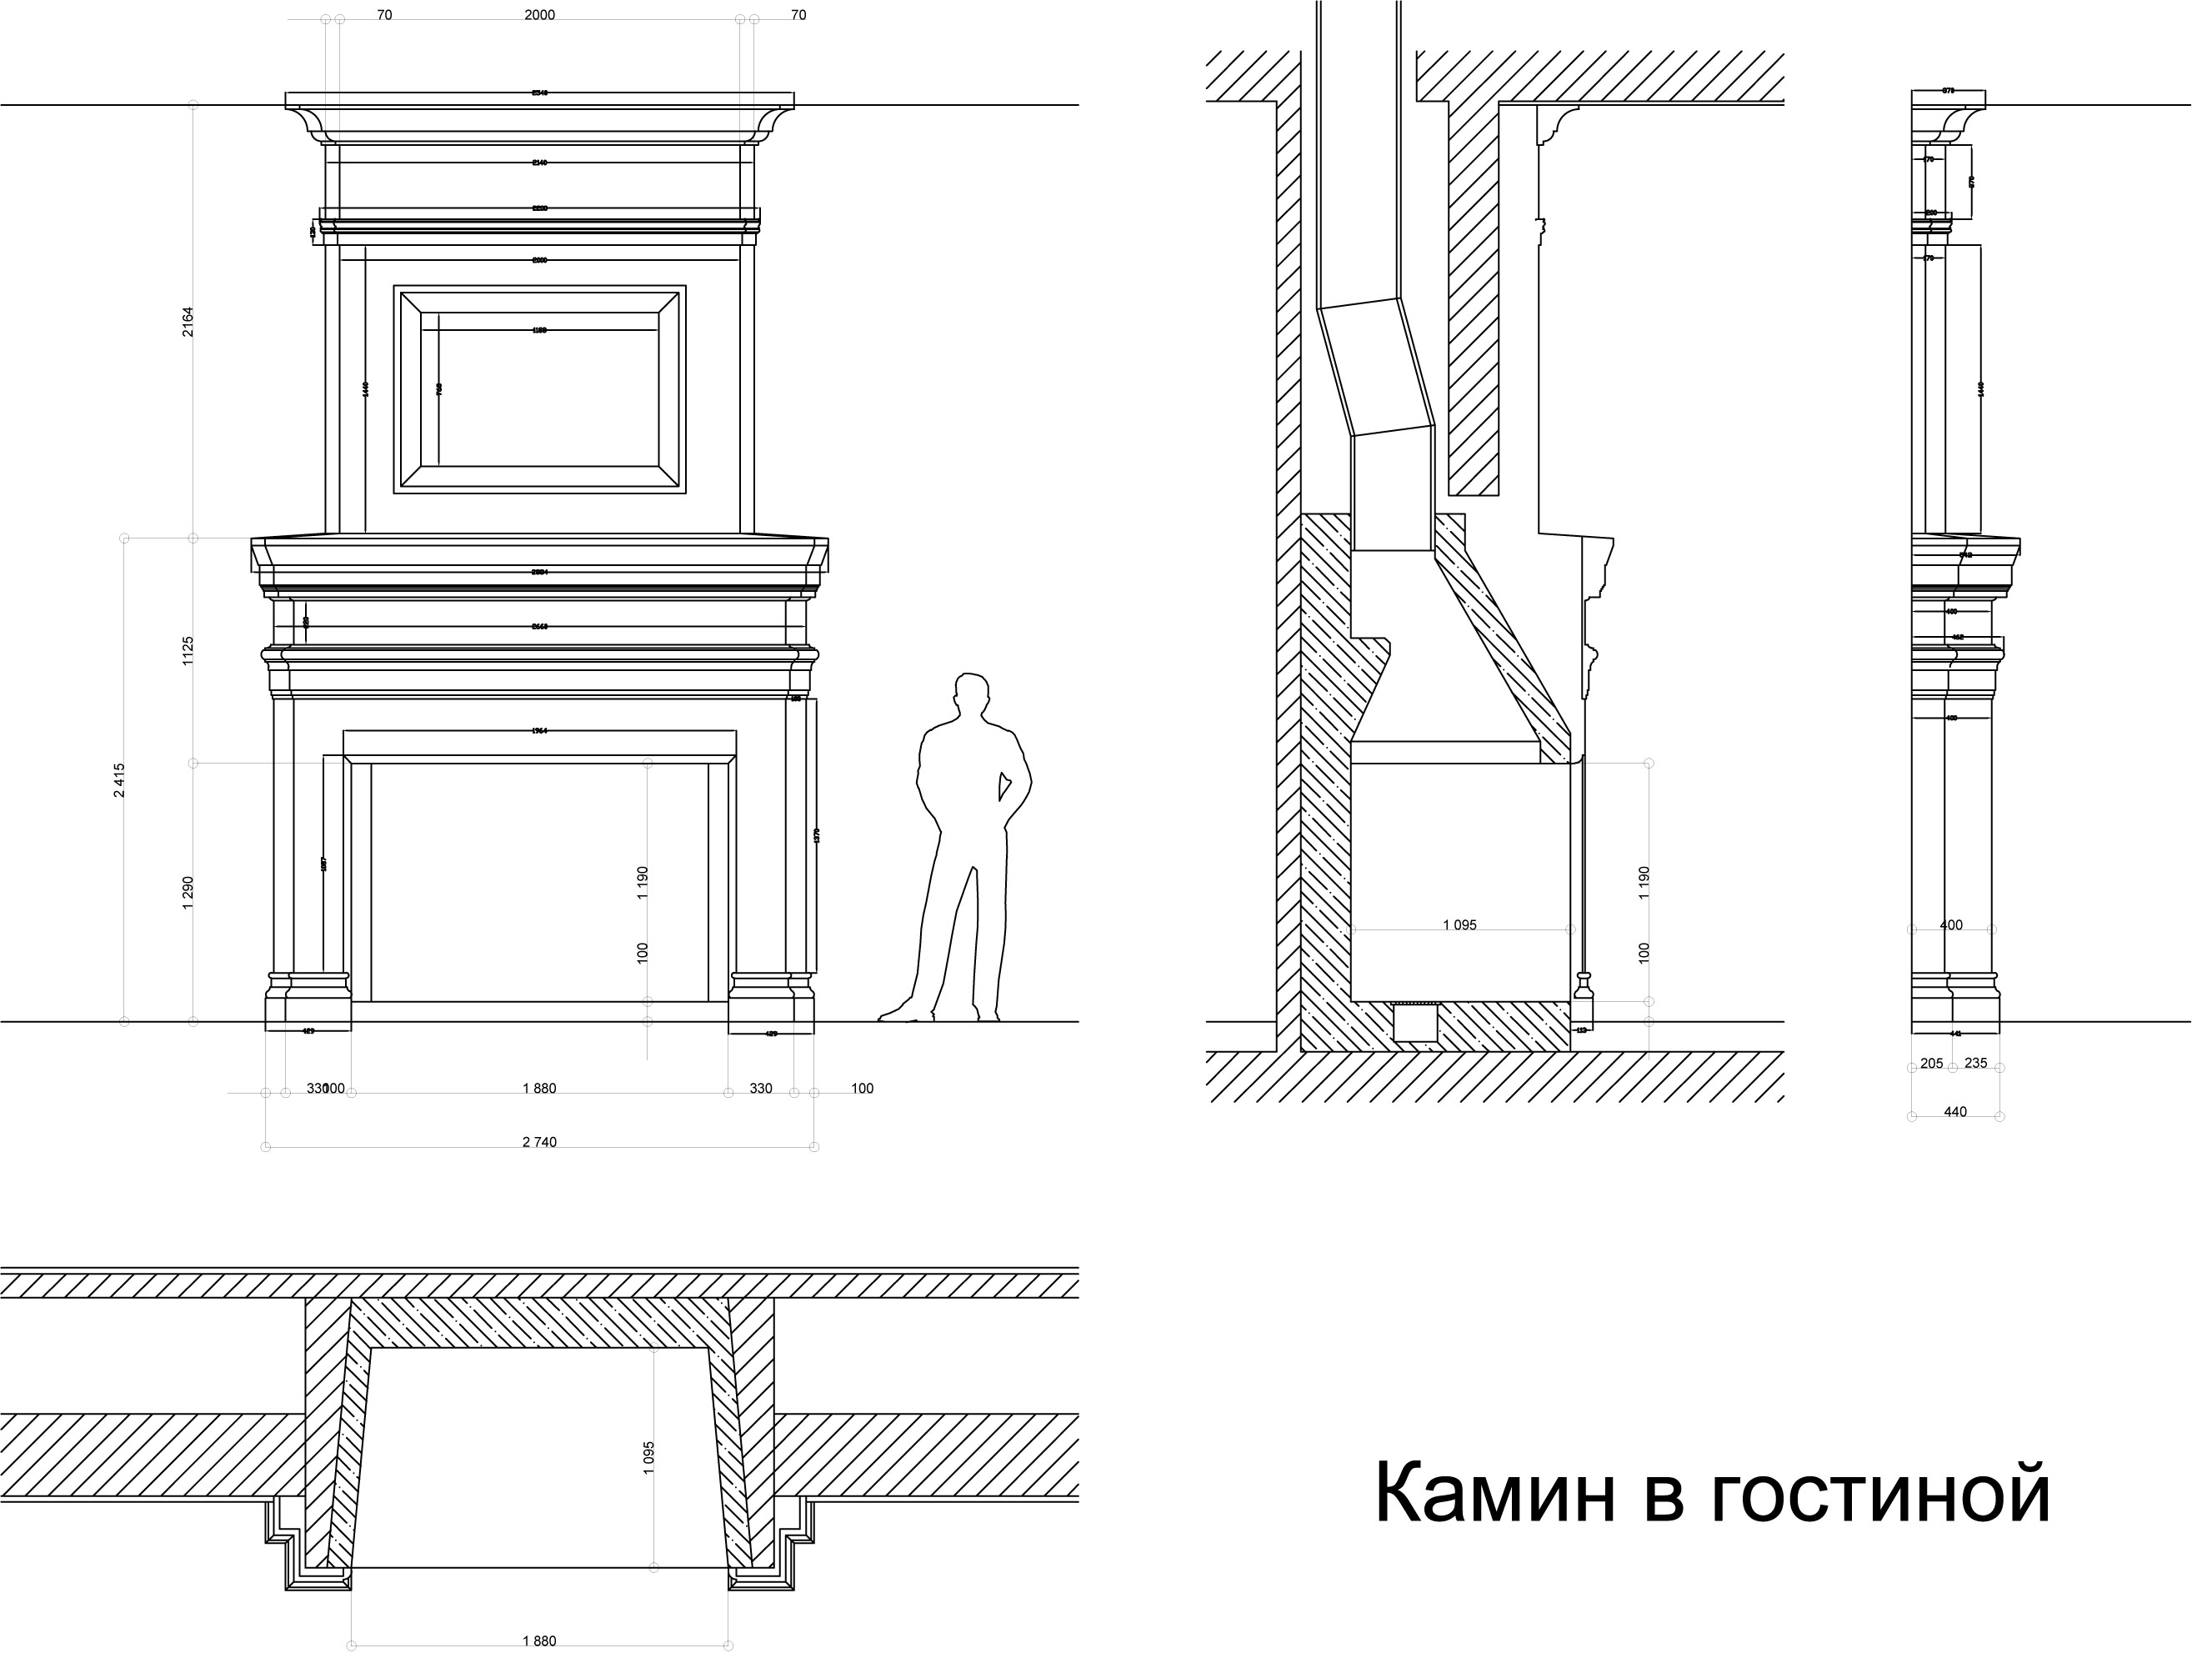 Портал для электрокамина своими руками (с фото и чертежами): как сделать угловой из гипсокартона и прочие варианты